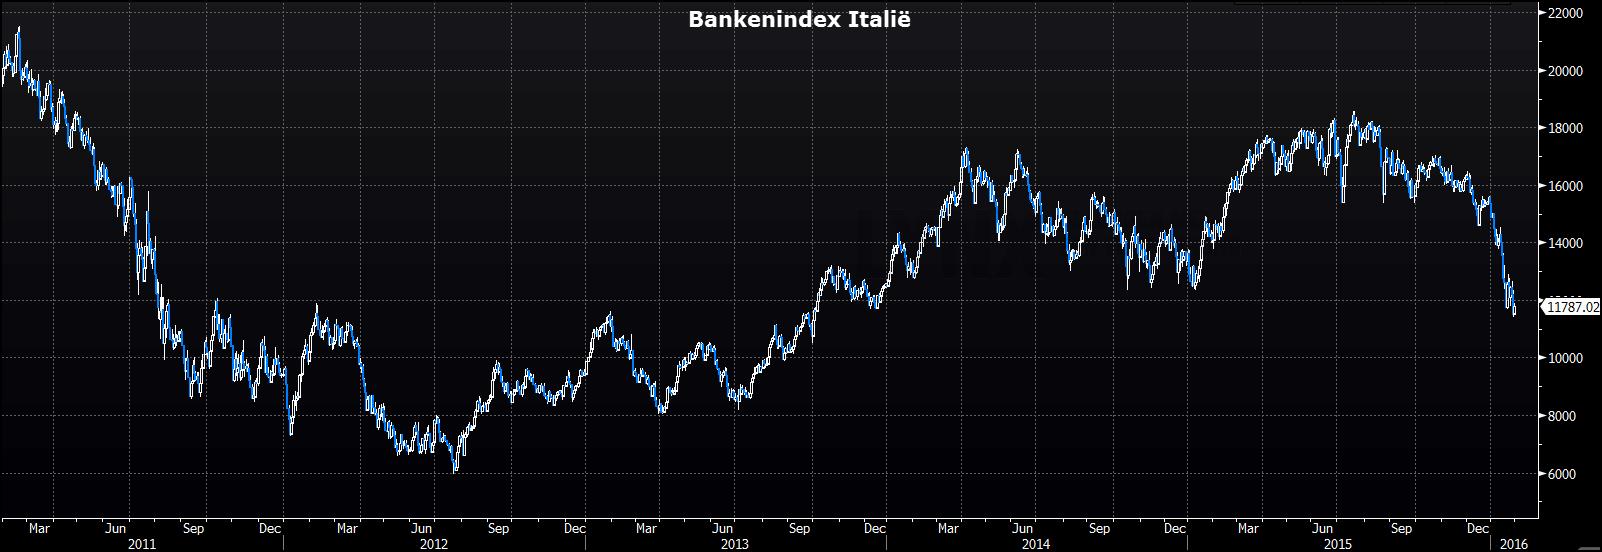 Bankenindex van Italie - aandeel ING kopen